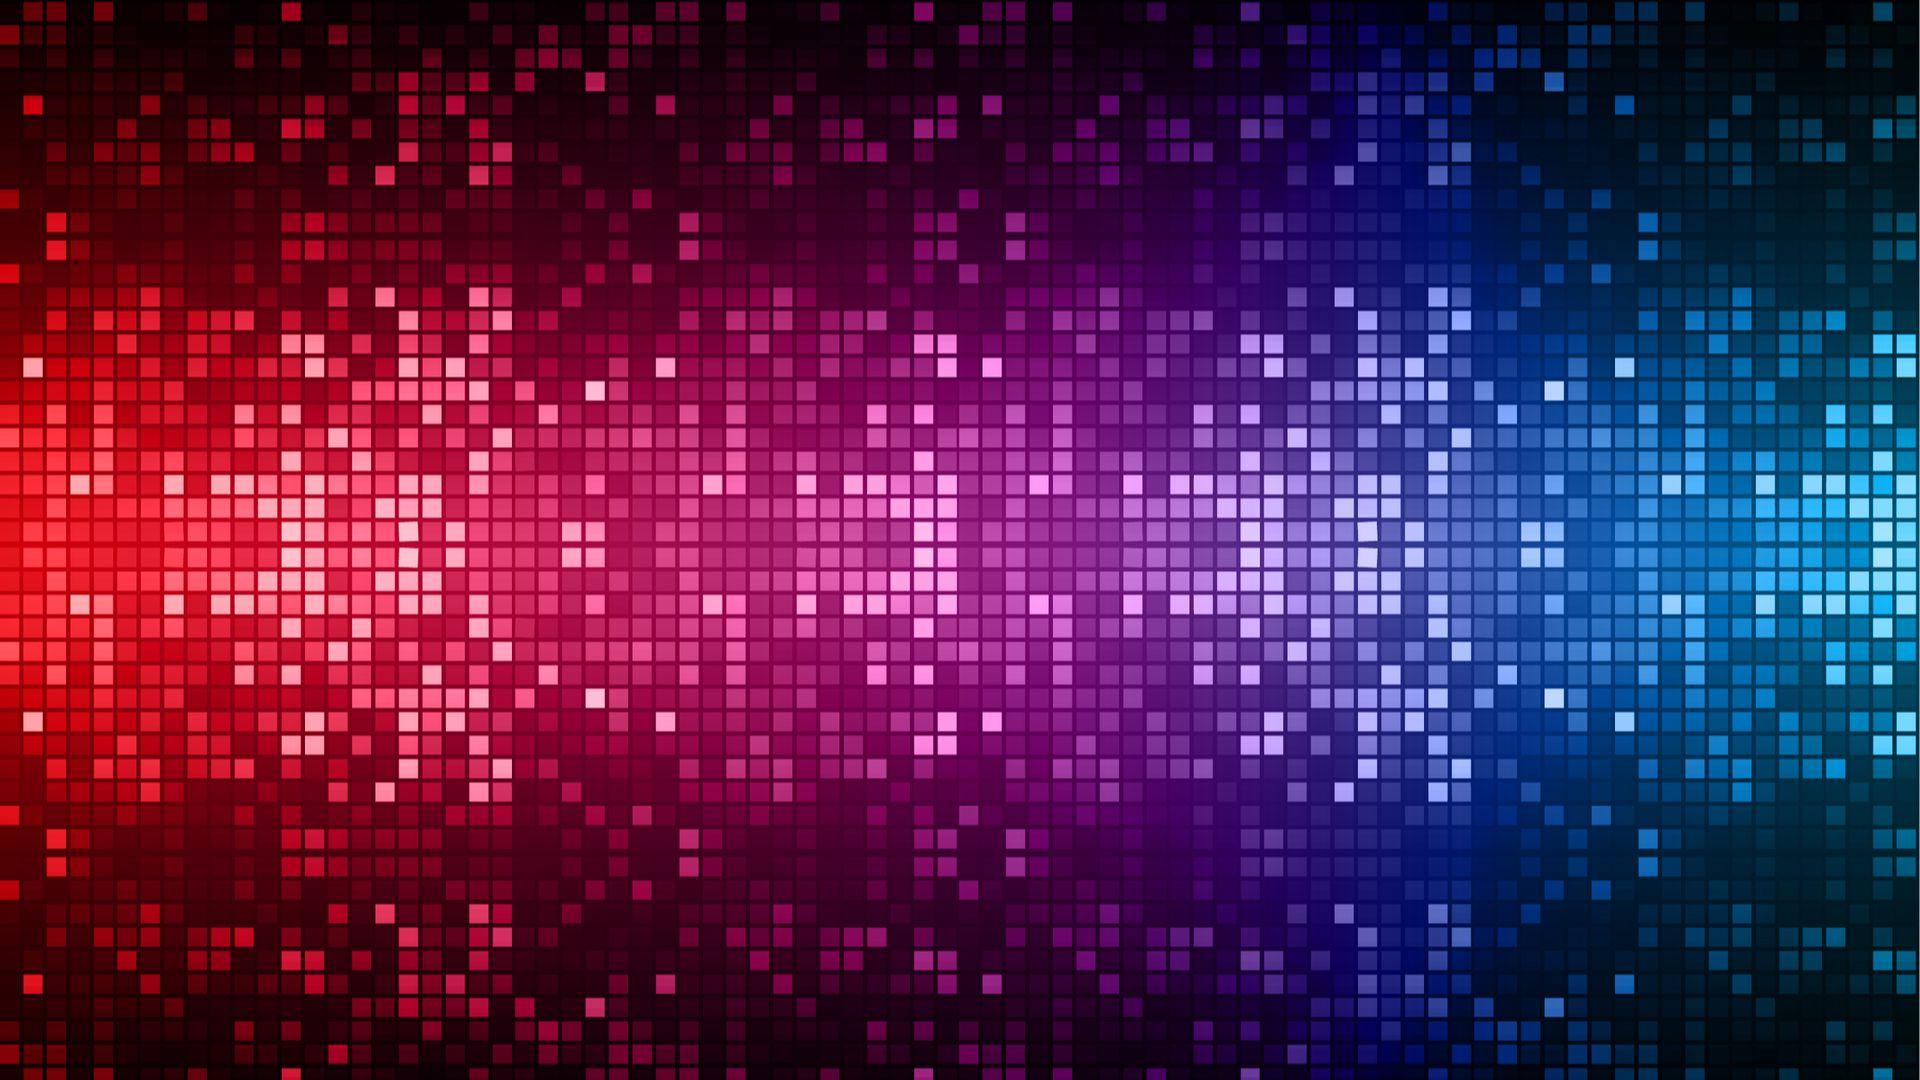 Pixels são pontos luminosos que compõe a imagem. (Titima Ongkantong/Shutterstock)